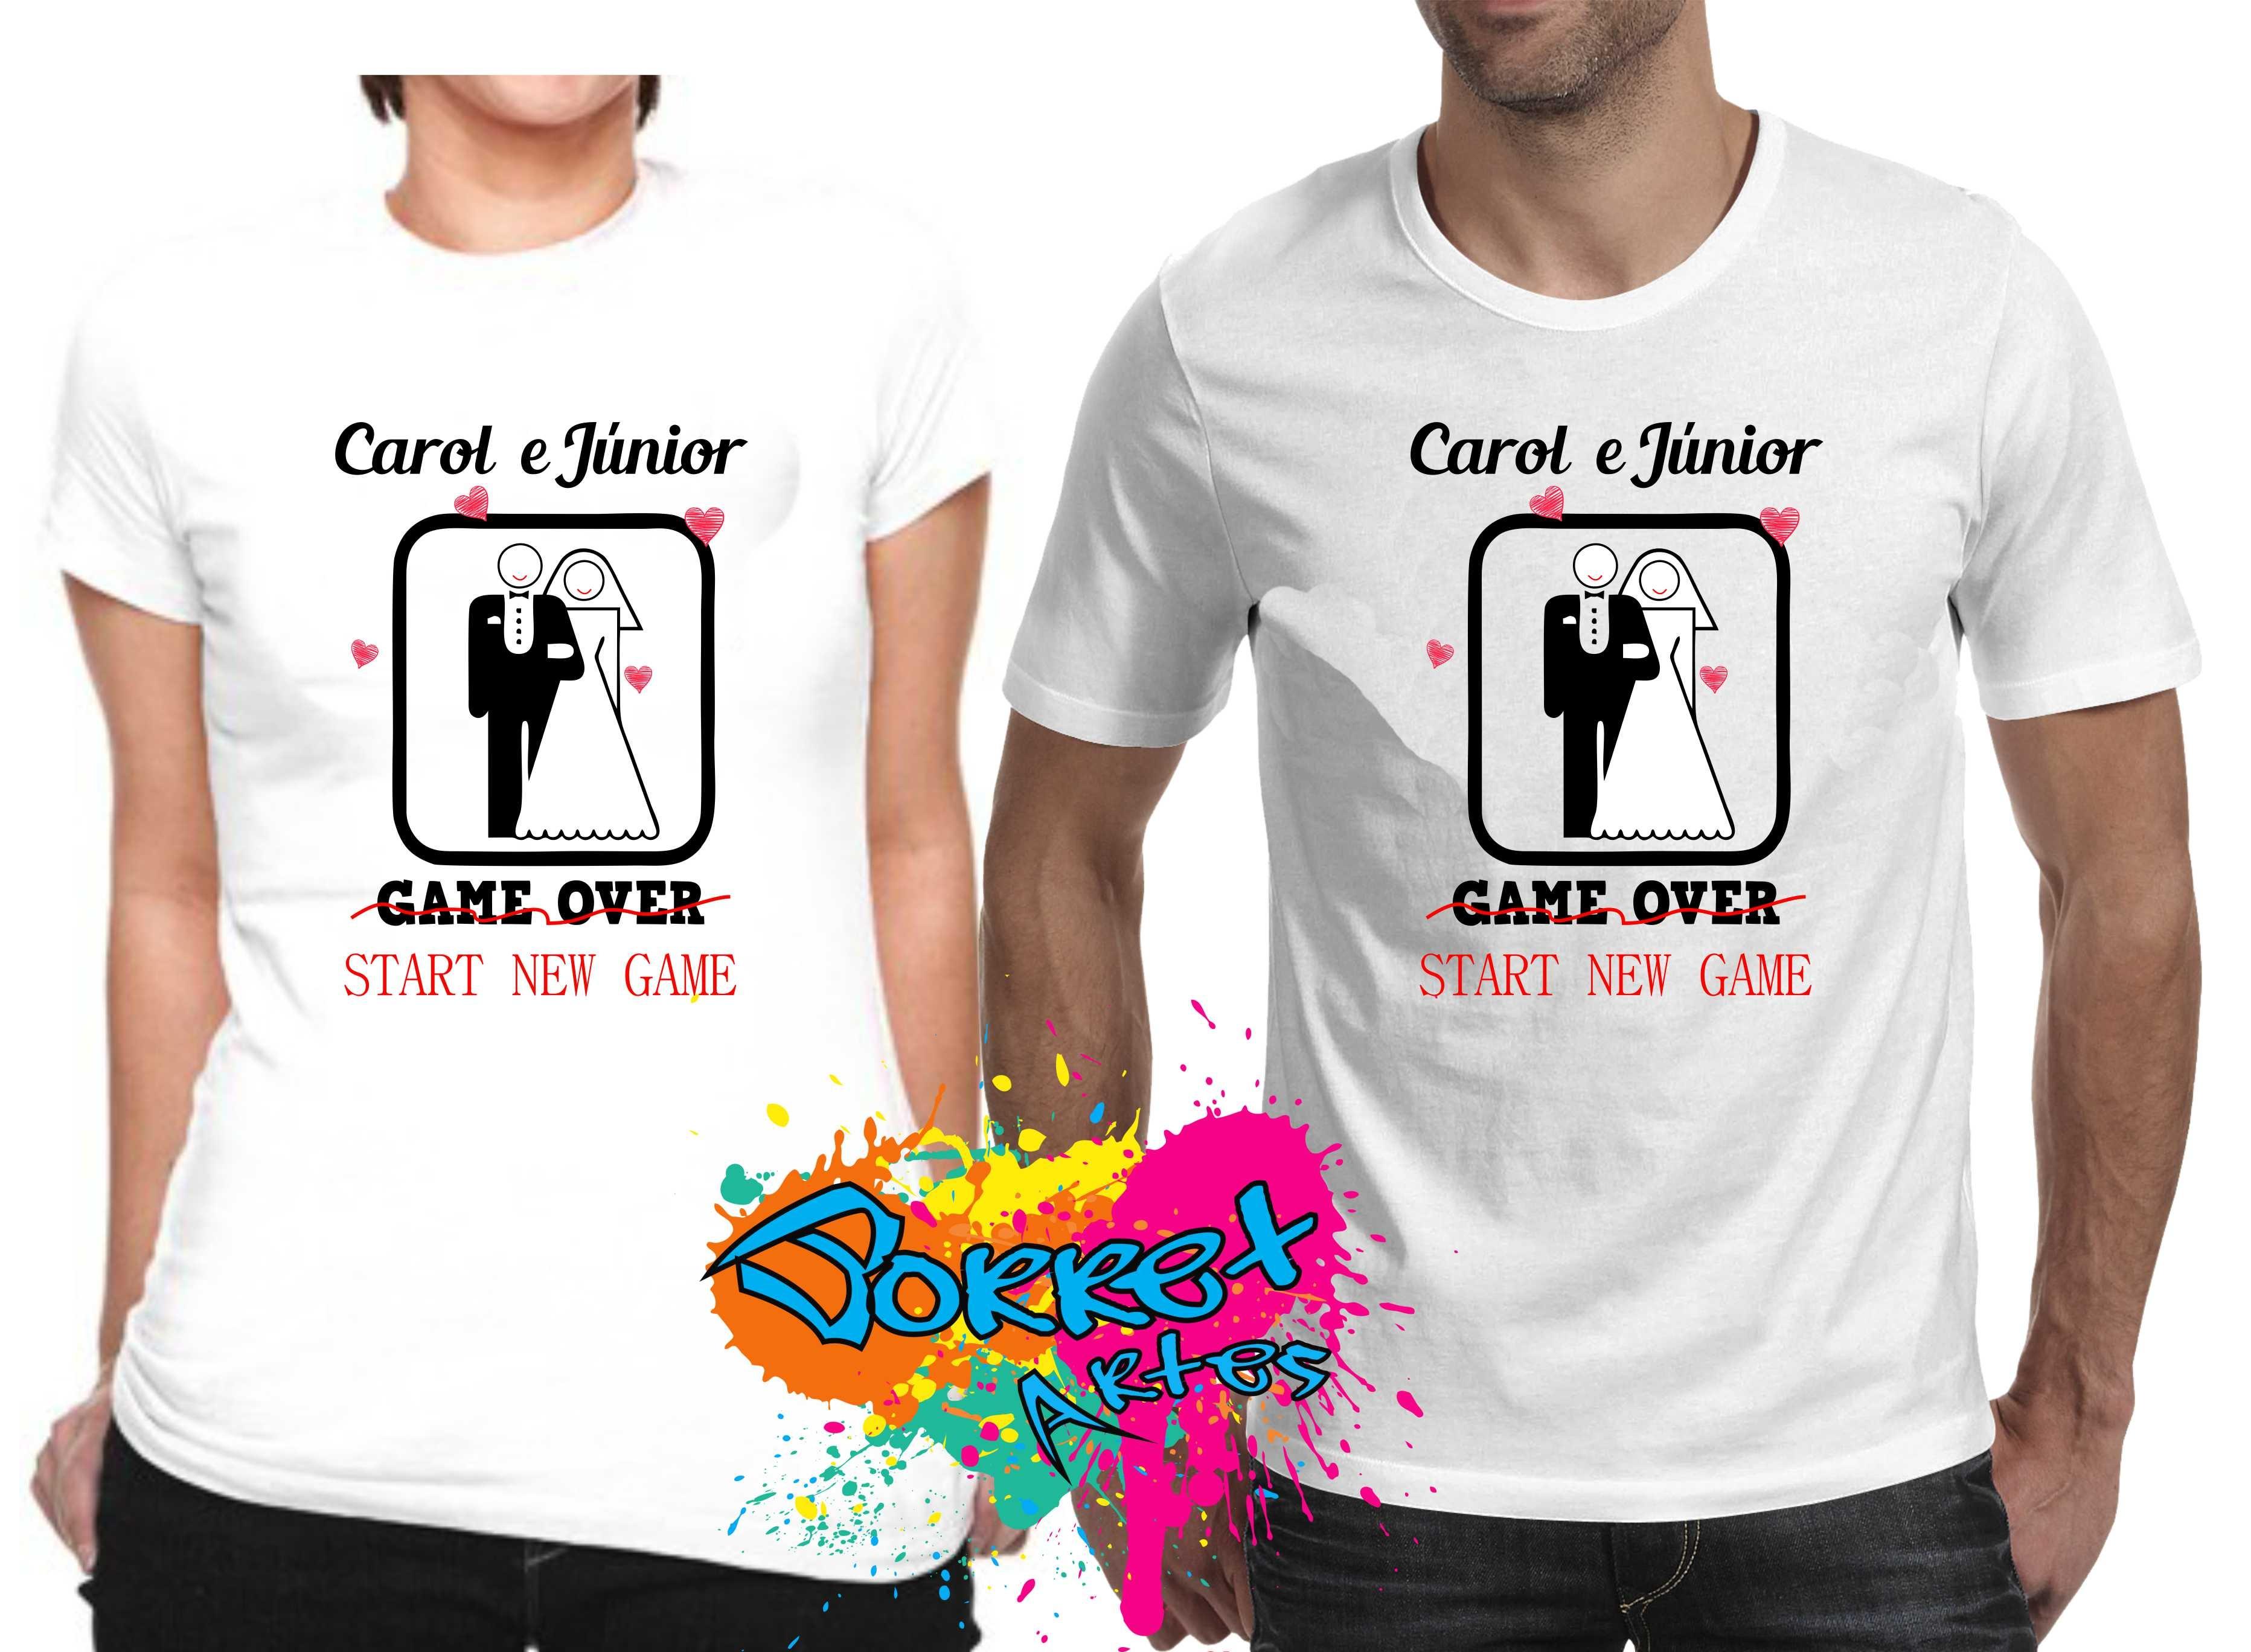 2 camisas game over x start game noivos no elo7 borret artes 809e41